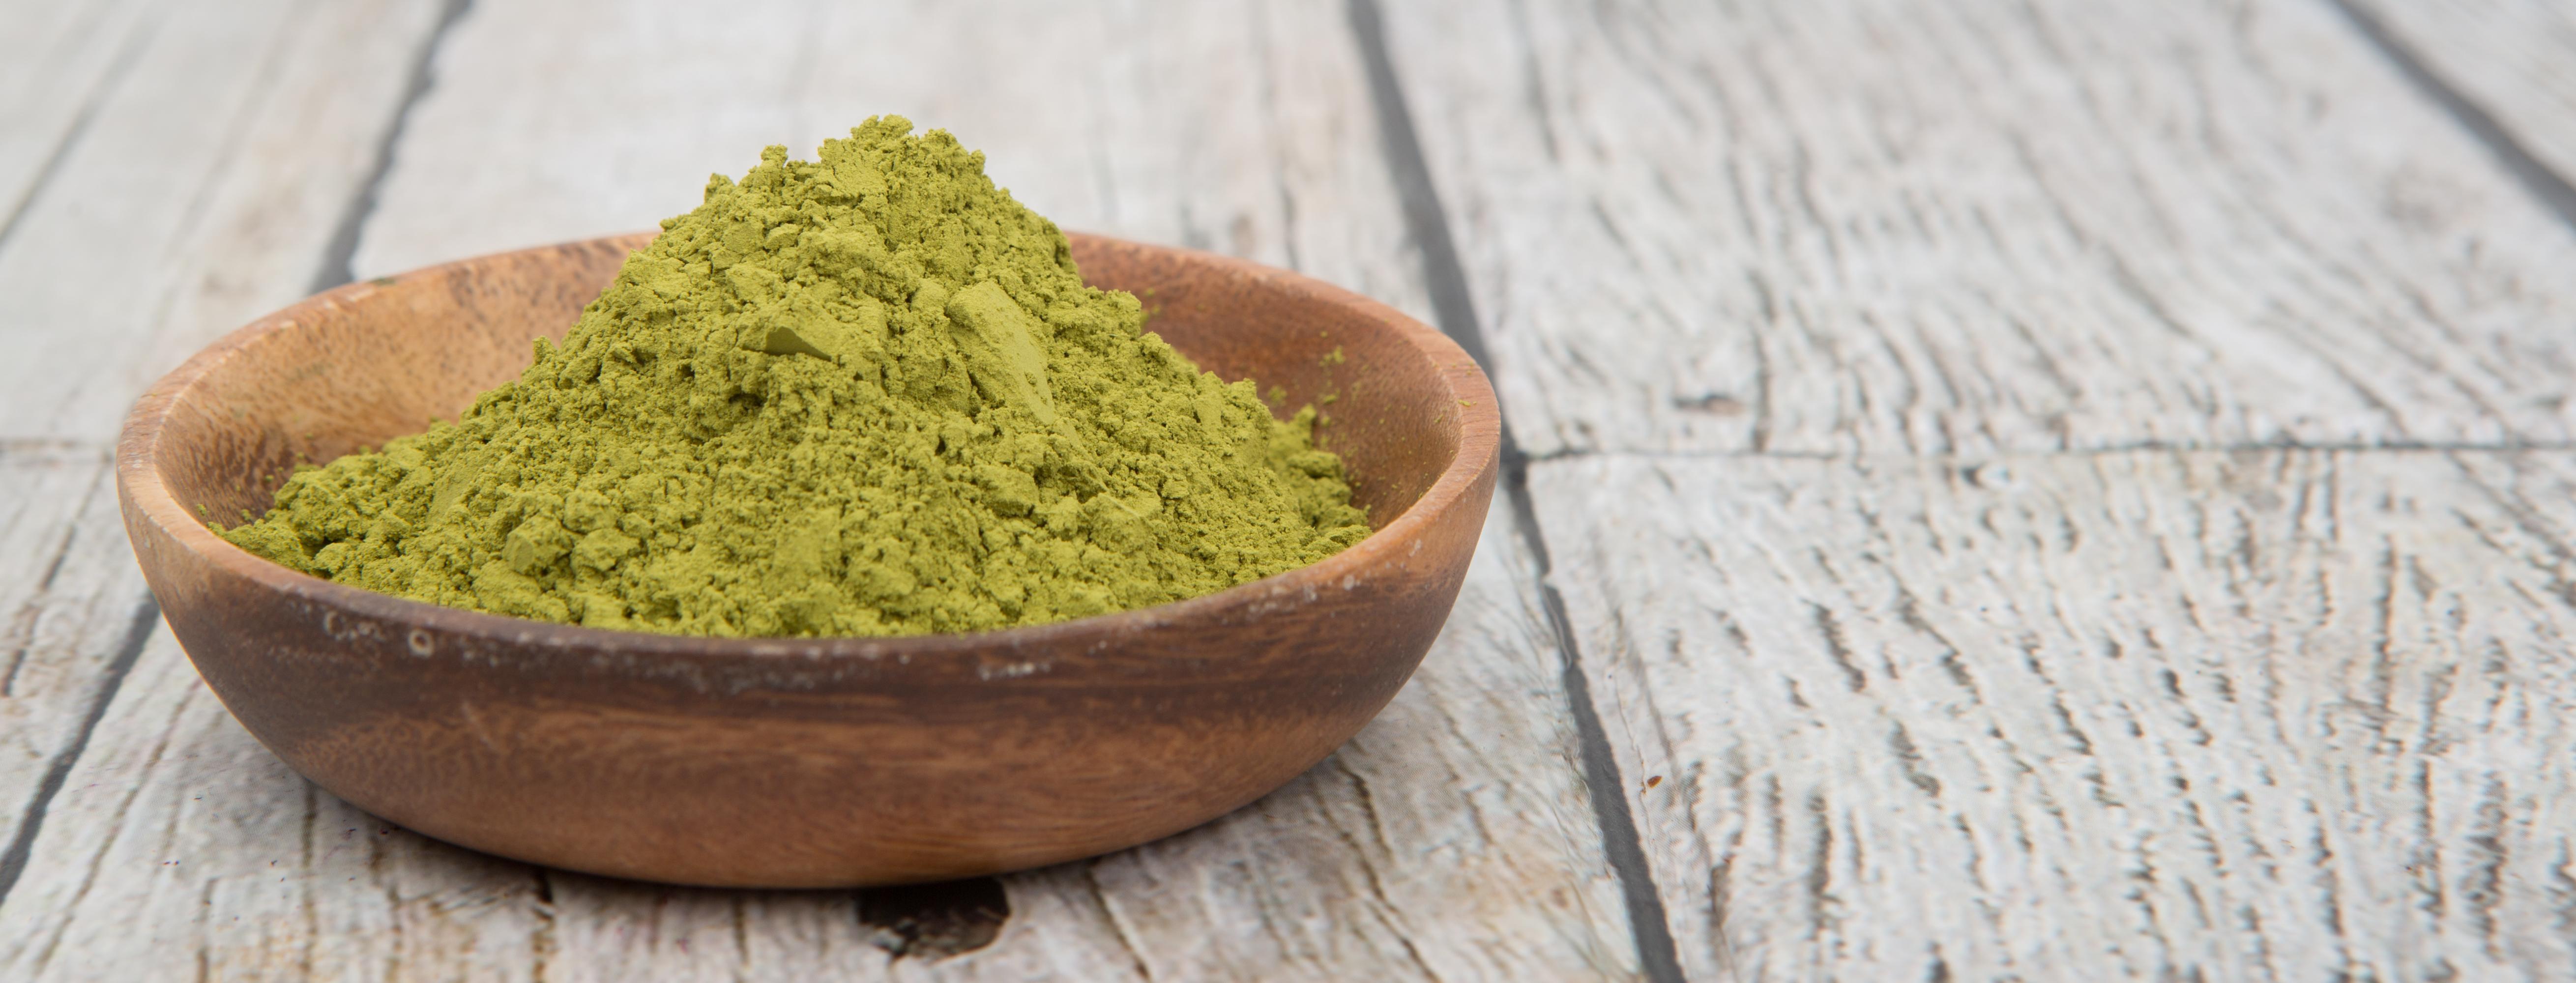 Red Veined Borneo Kratom Powder